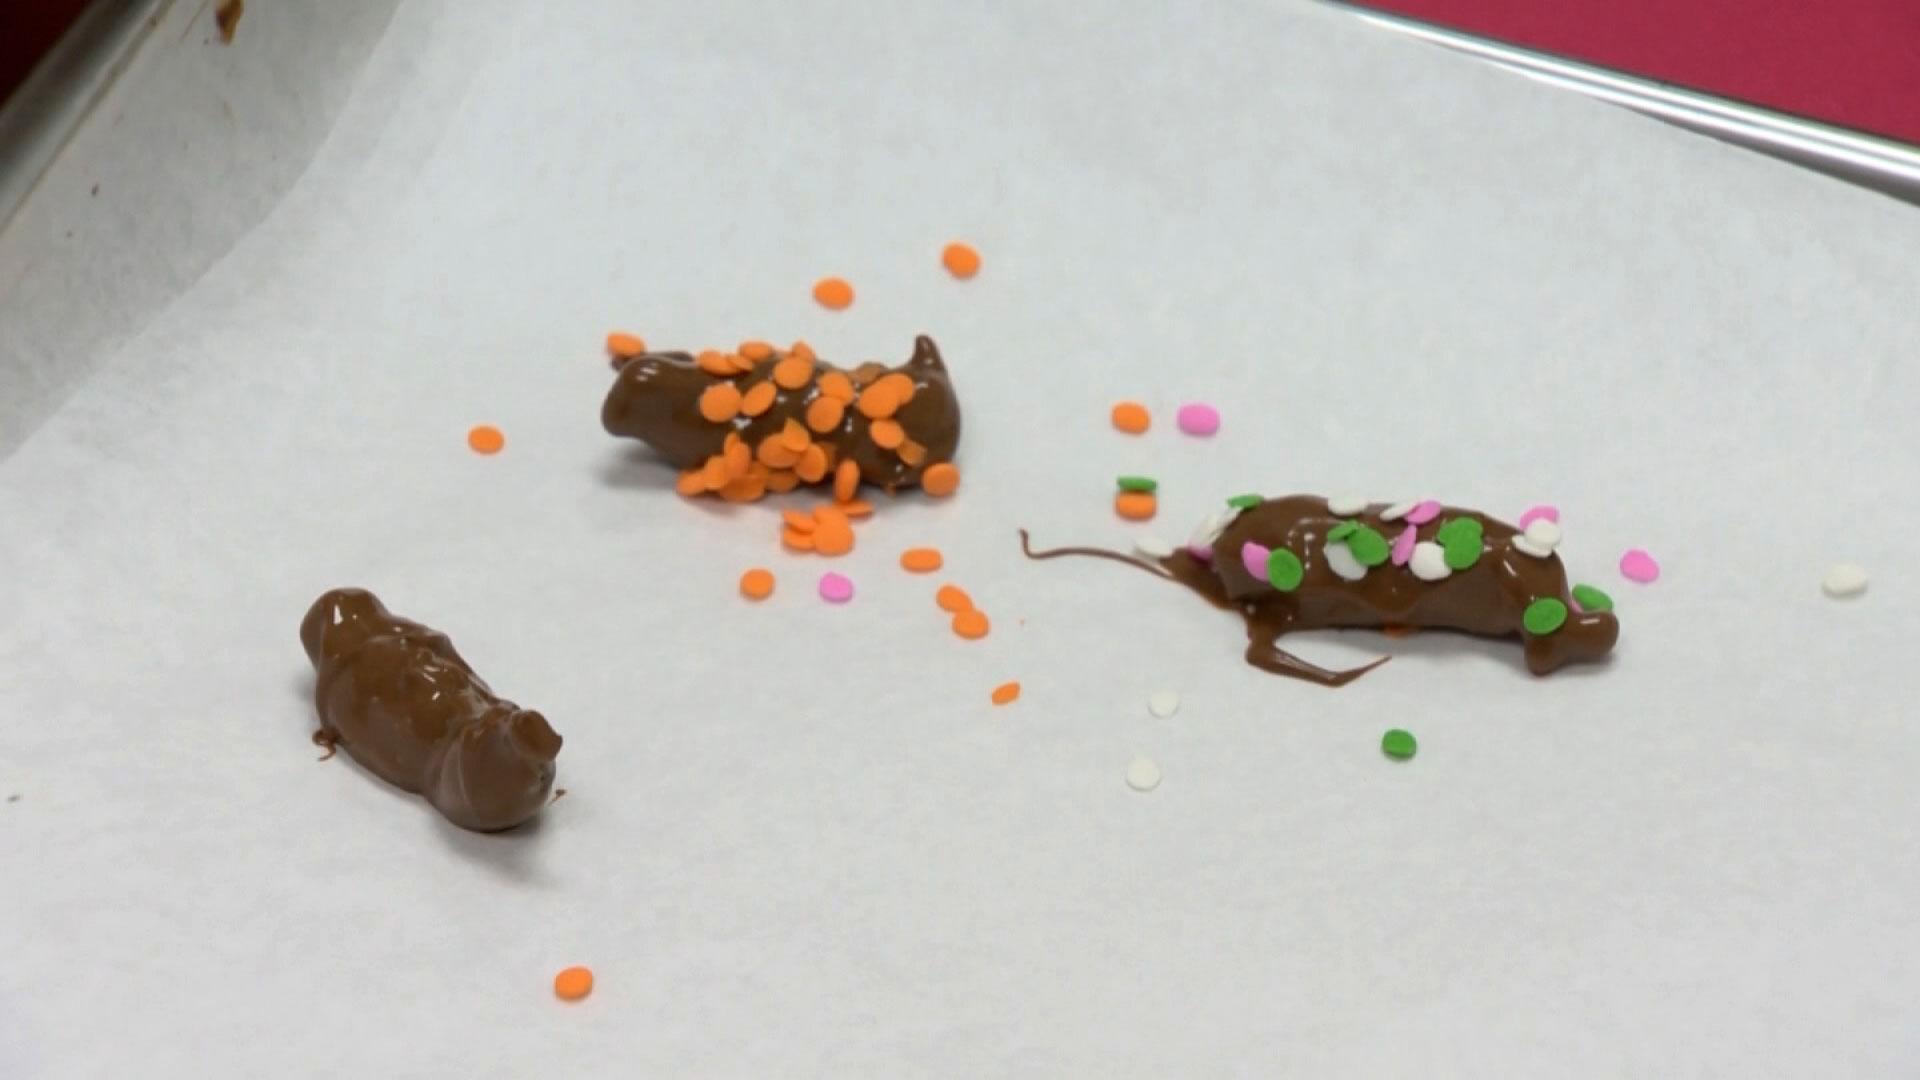 Cigarras cobertas por chocolate são vendidas em doceria nos Estados Unidos